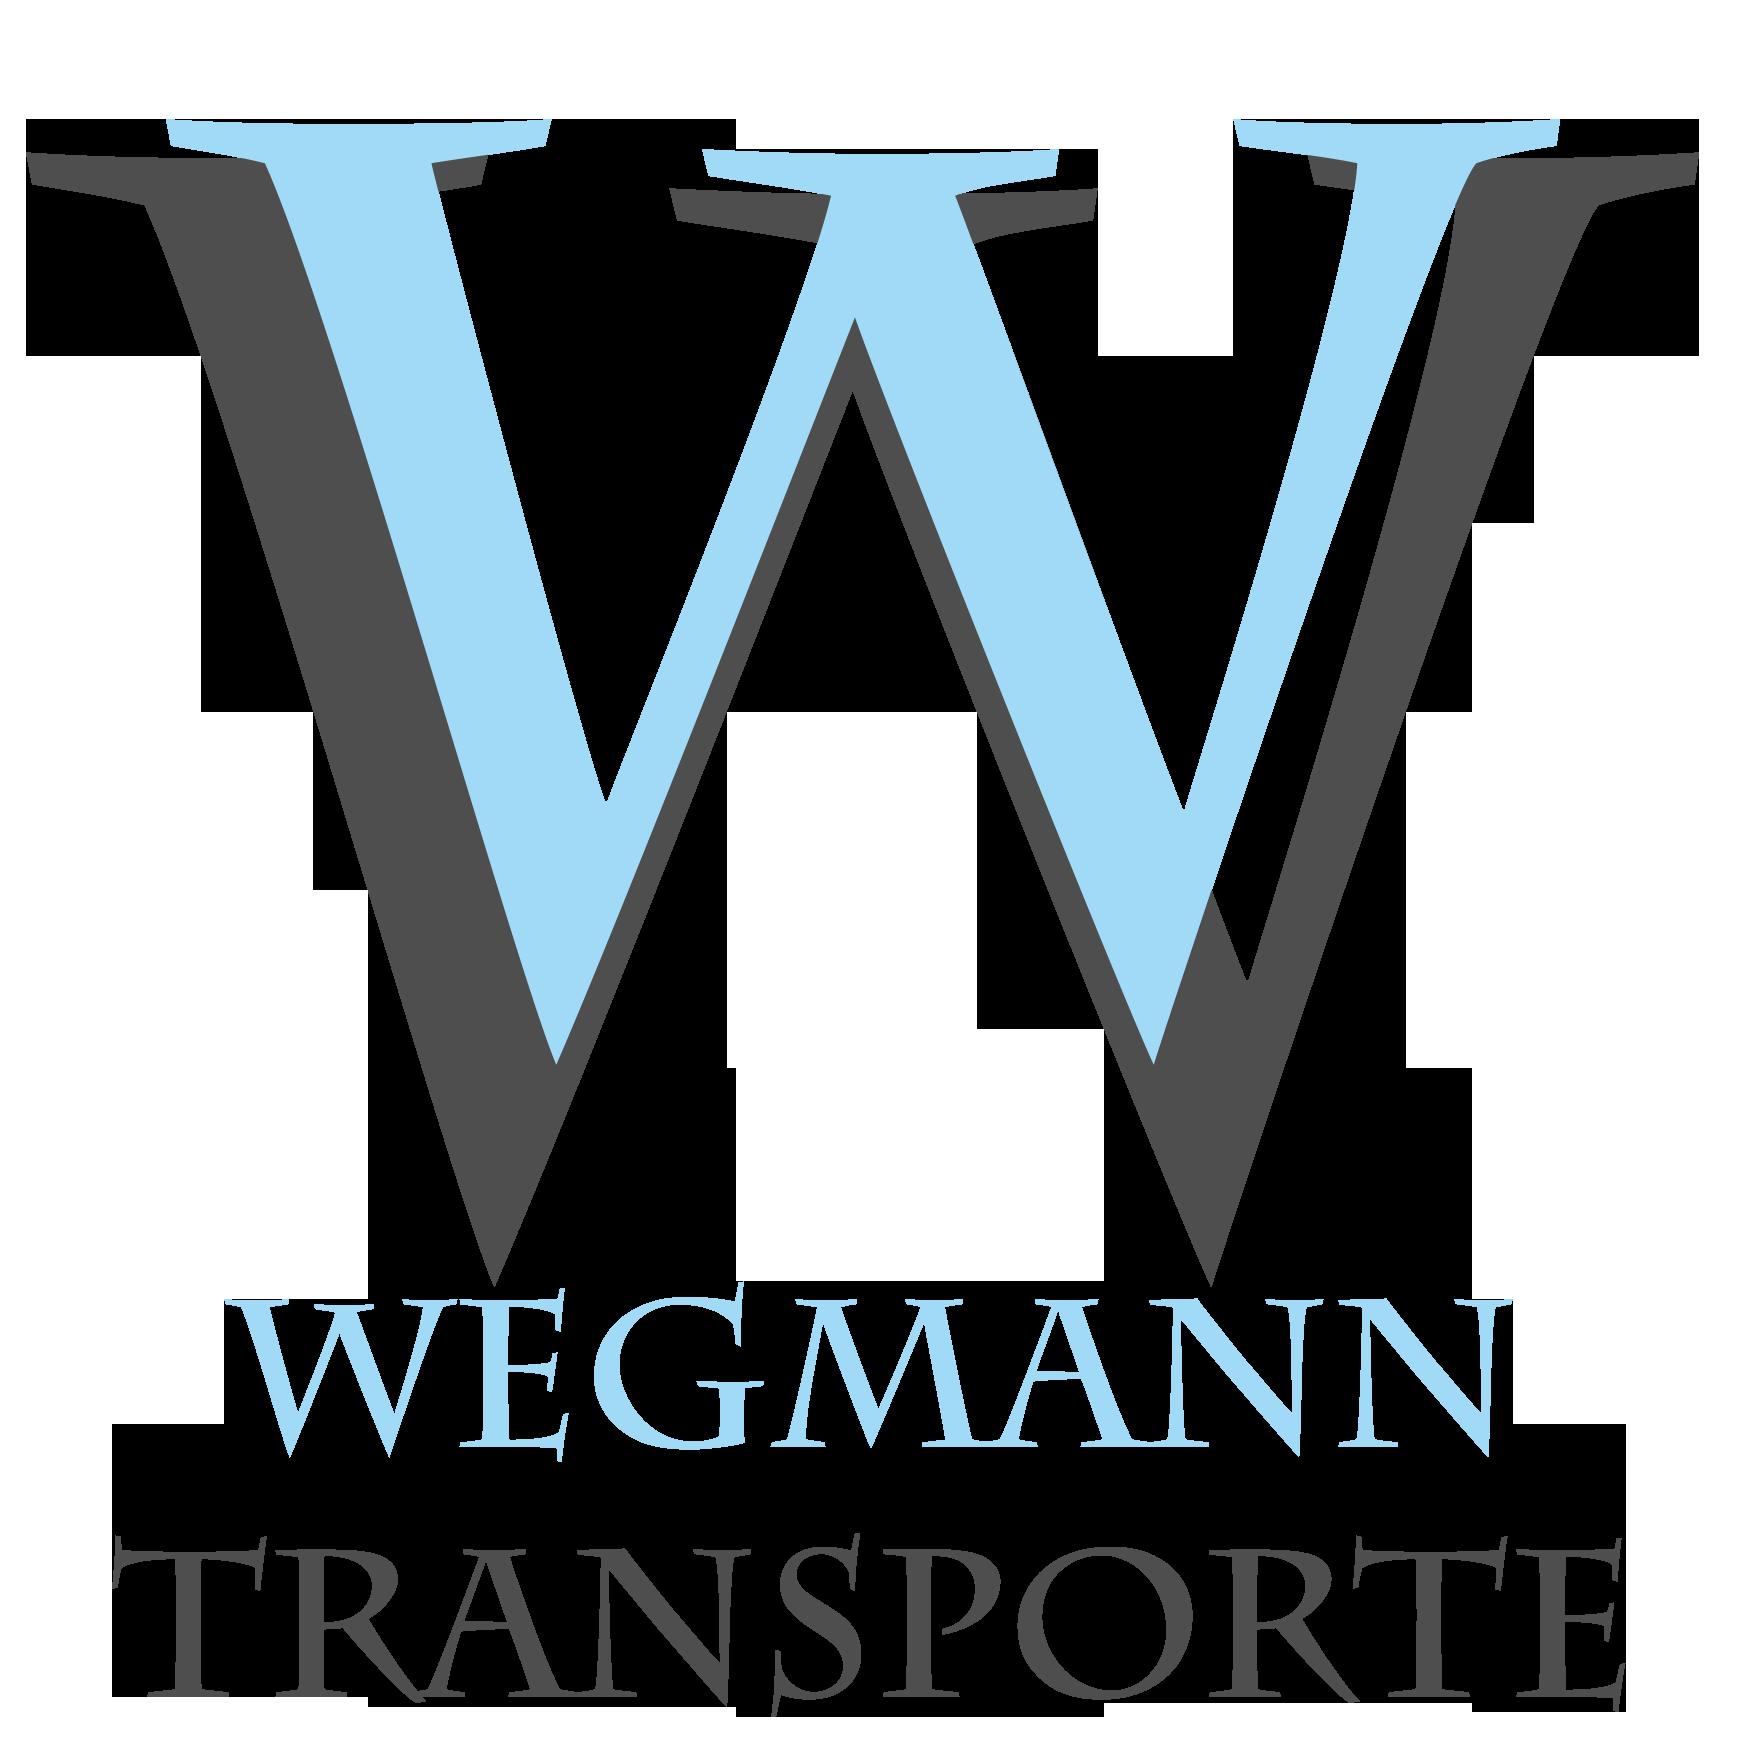 Wegmann Transporte